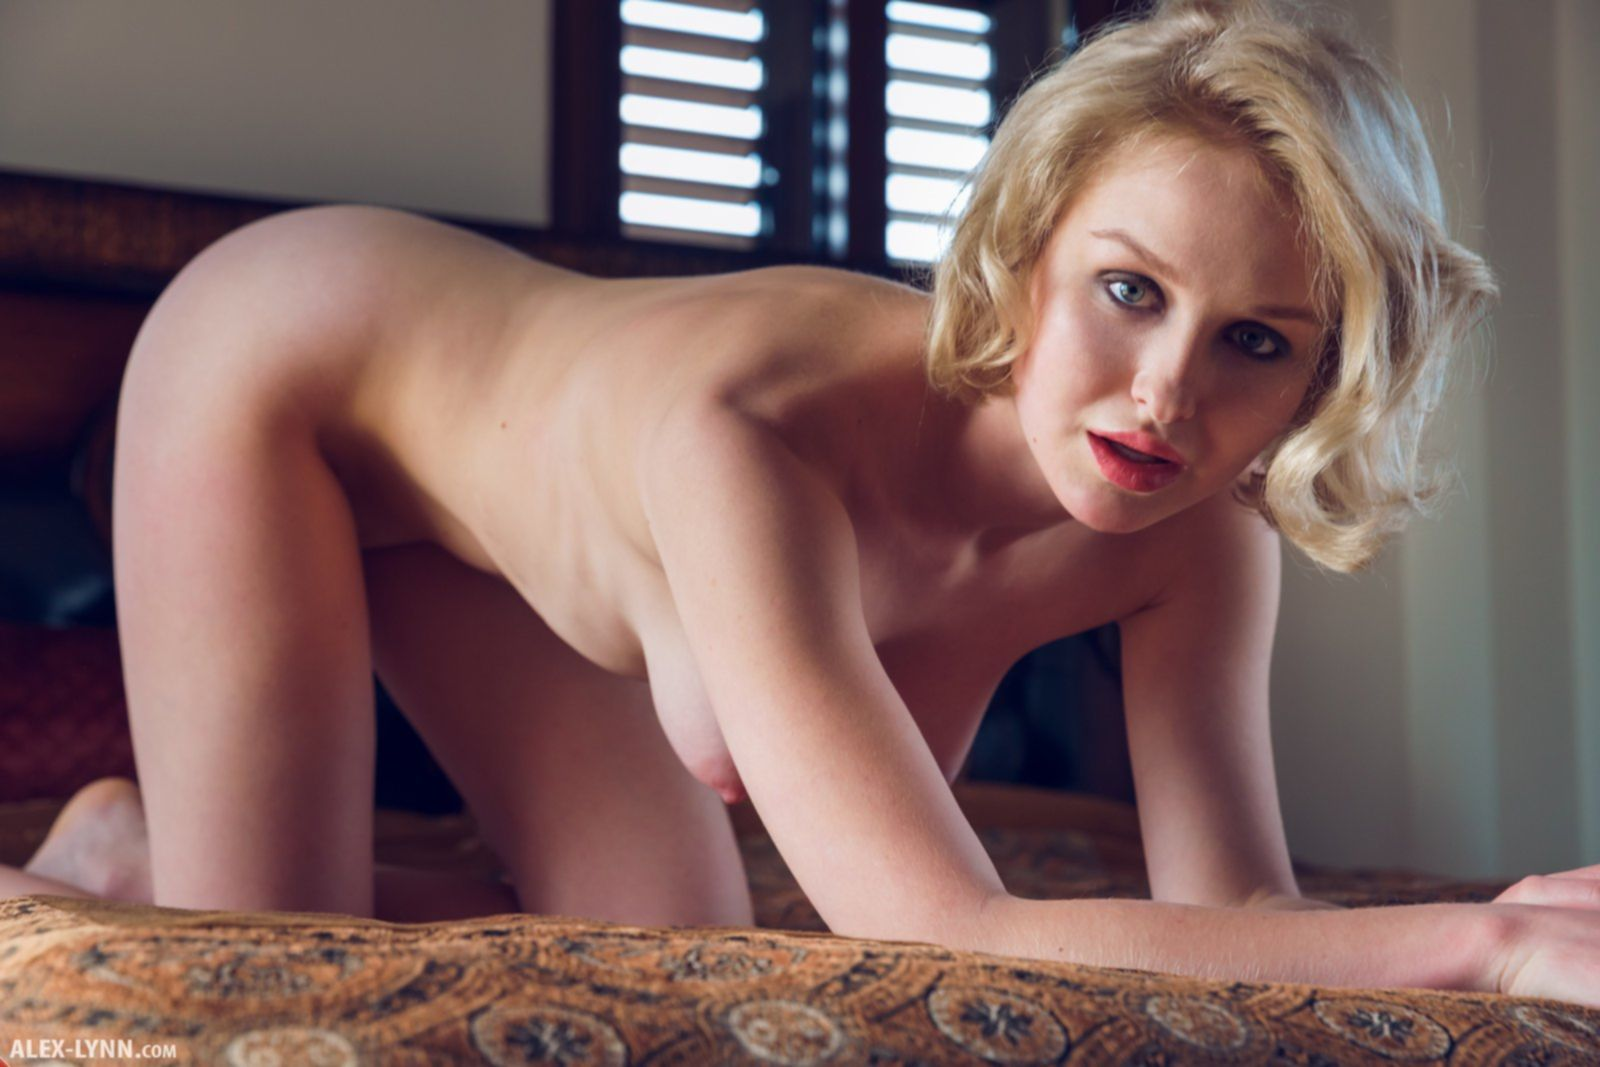 Голая блондинка стоит раком на кровати - фото